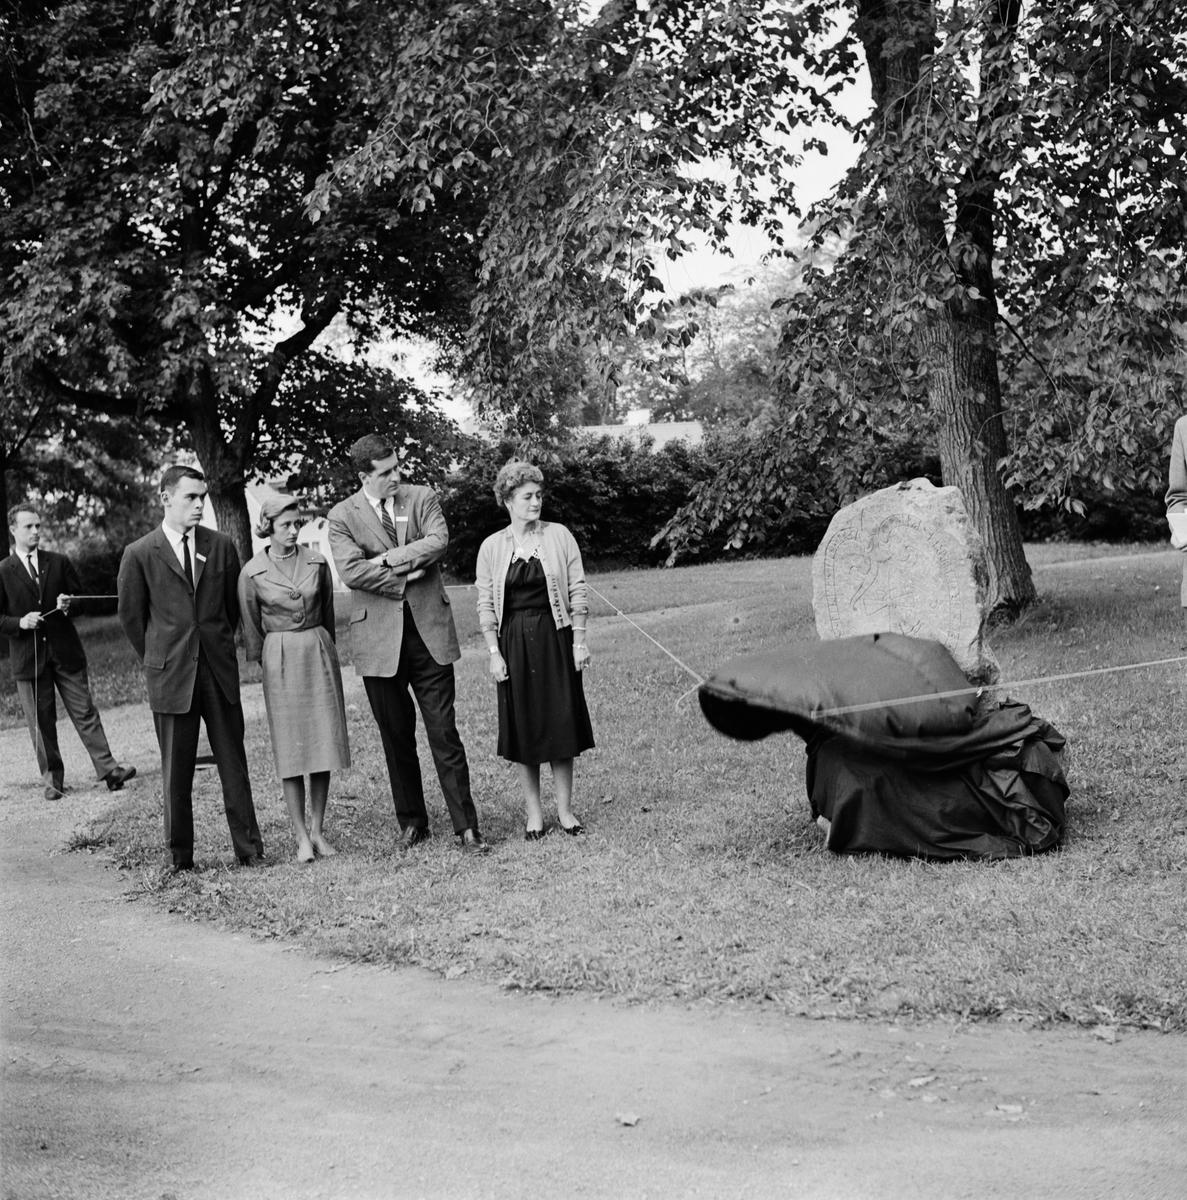 Studentliv - skandinaviska studenter skänker runsten till USA, Uppsala 1960